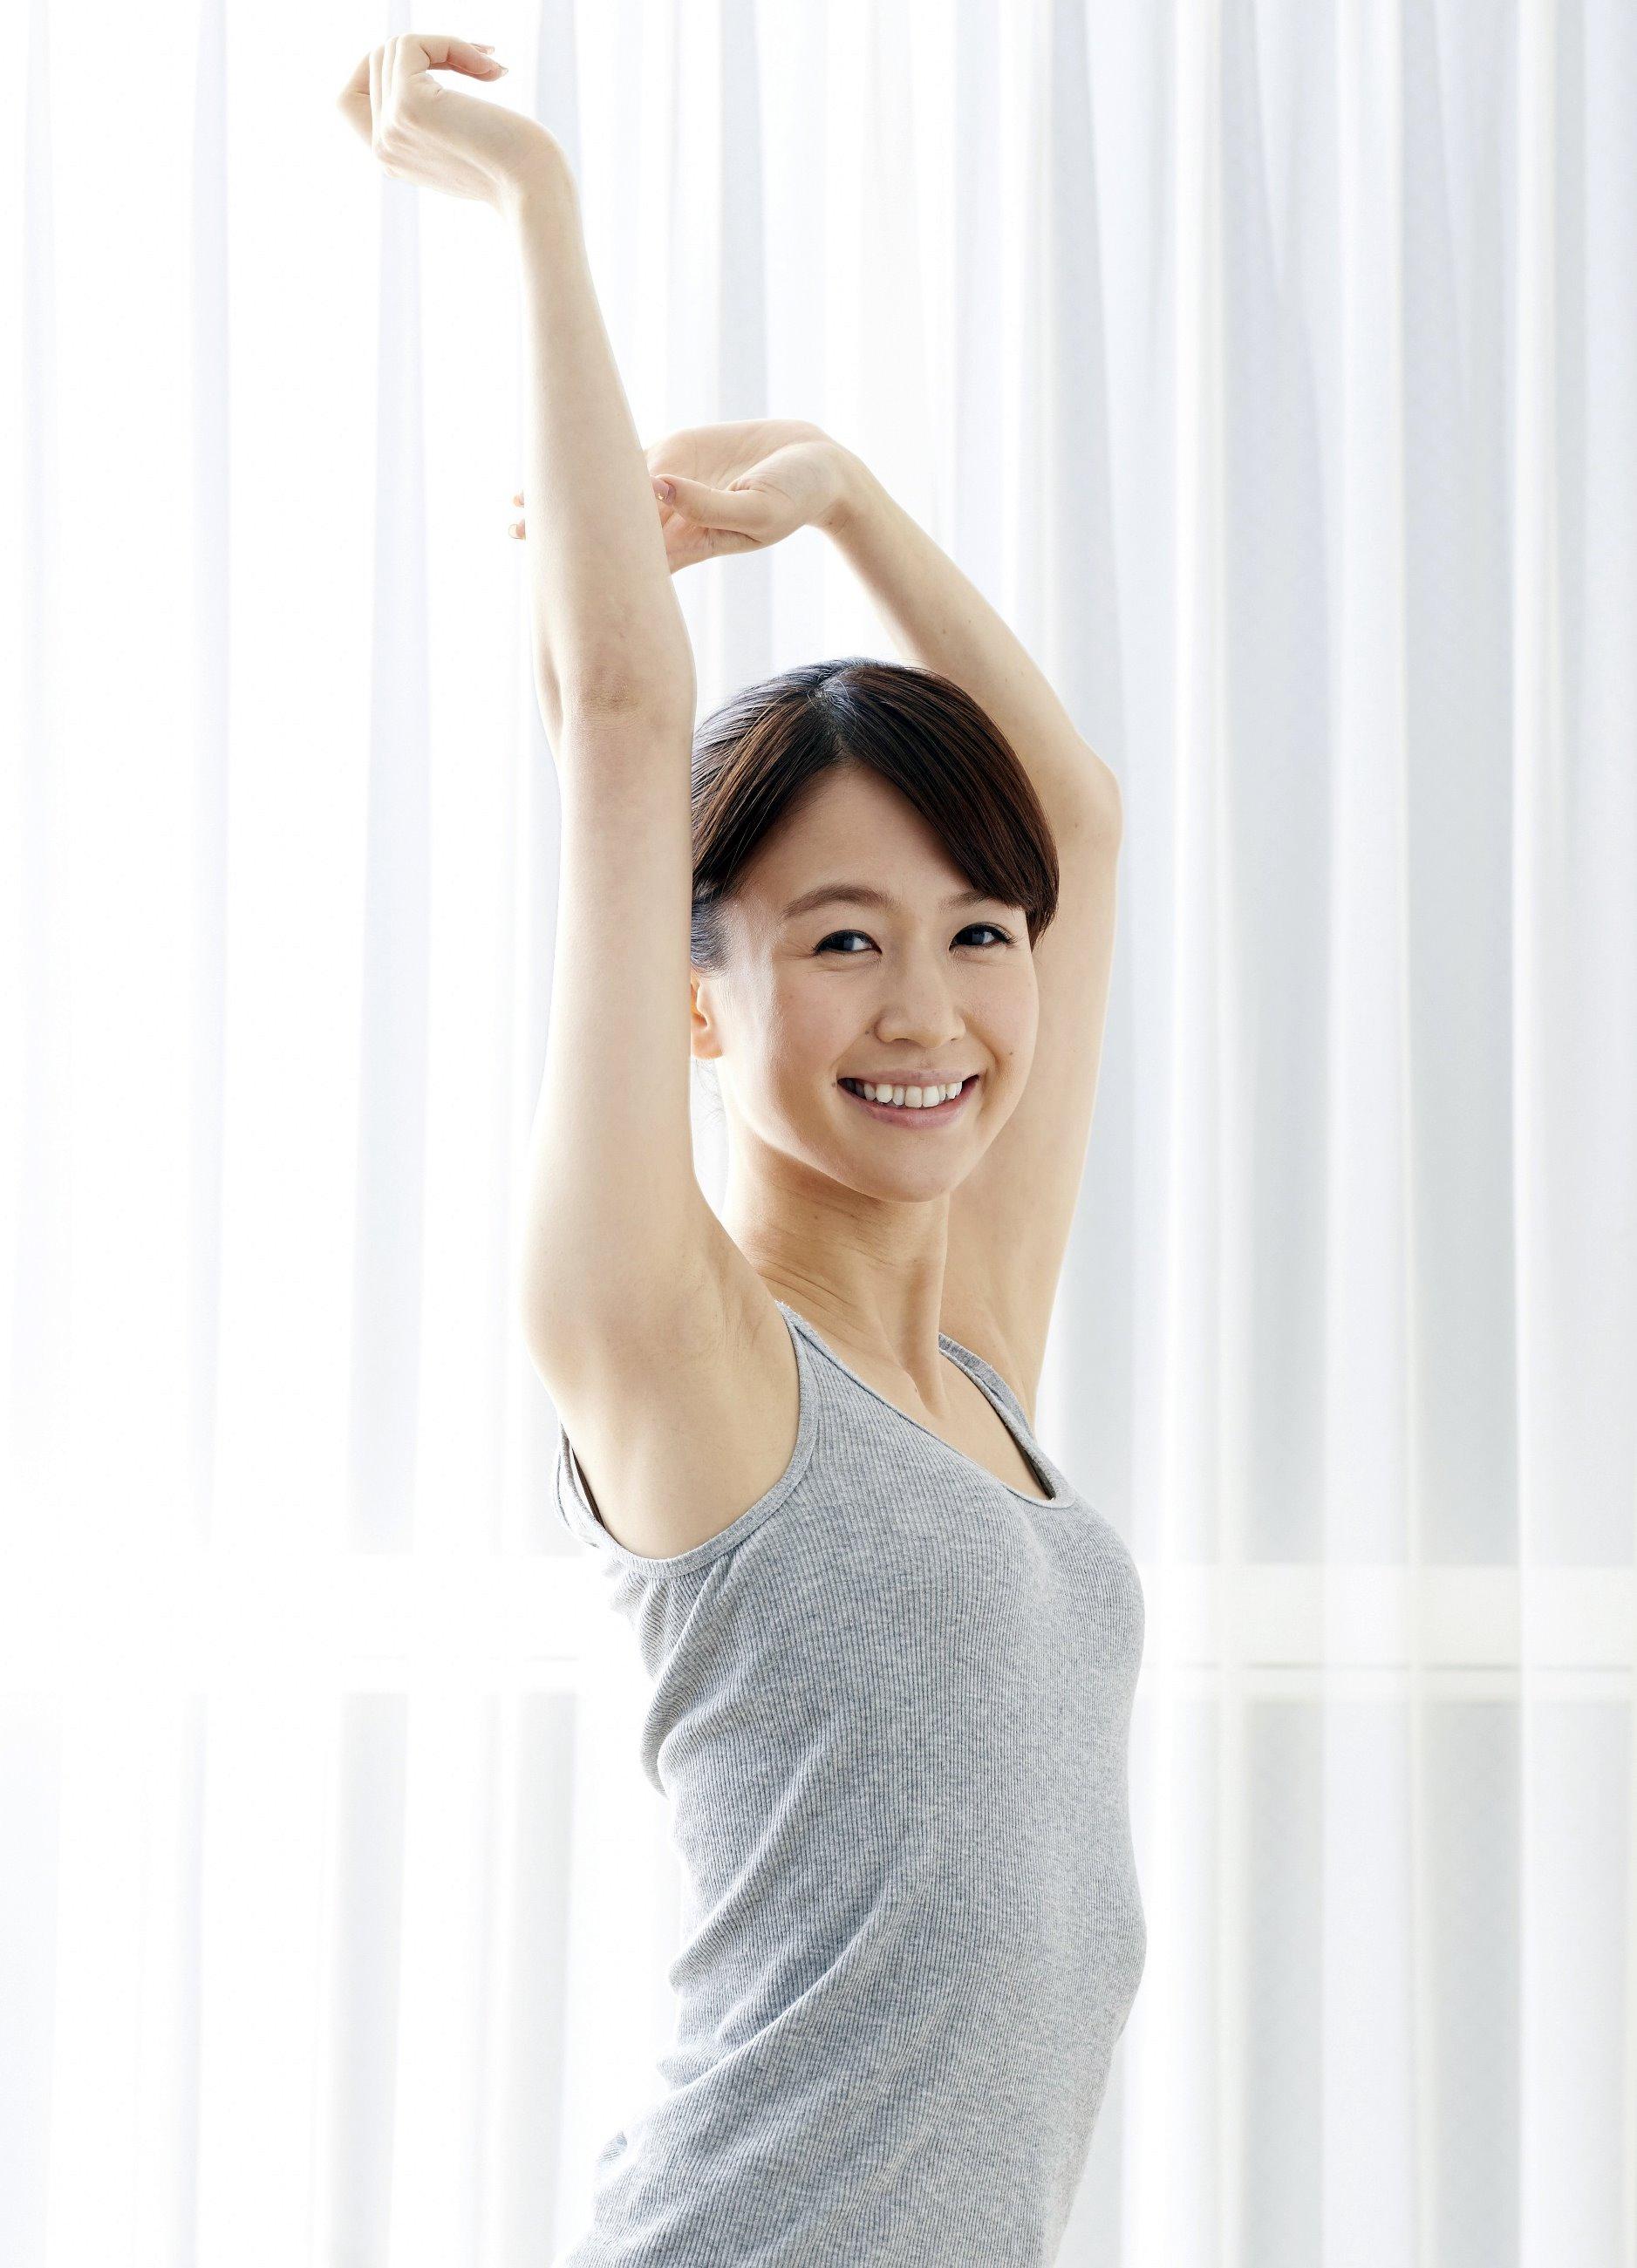 美人腋モデルの腋見せ (1)